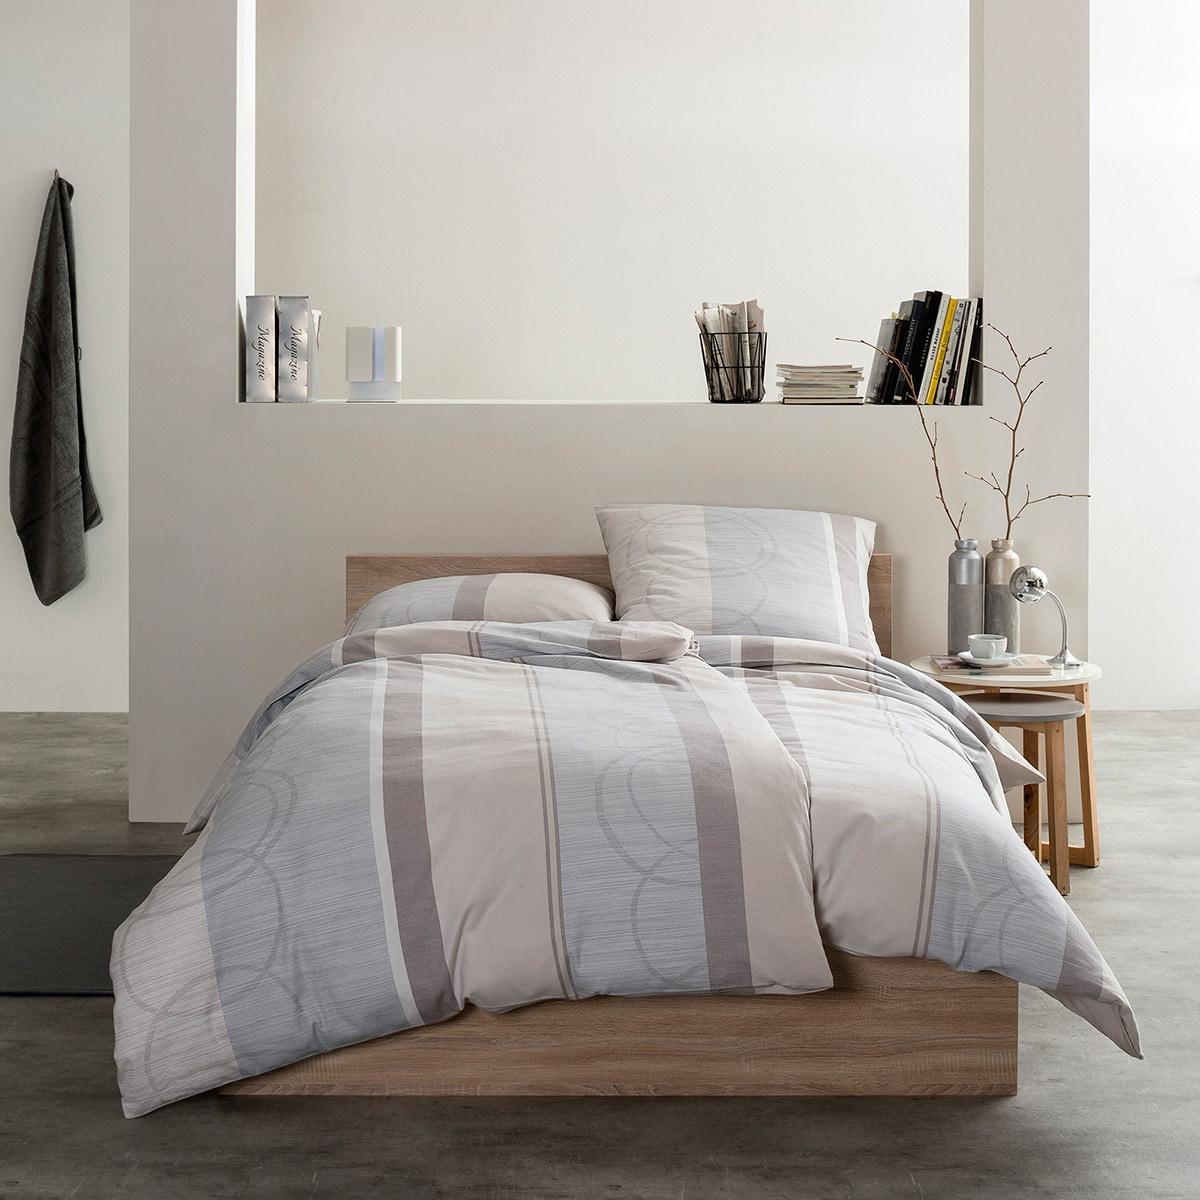 estella feinflanell bettw sche dolomiti kiesel g nstig online kaufen bei bettwaren shop. Black Bedroom Furniture Sets. Home Design Ideas